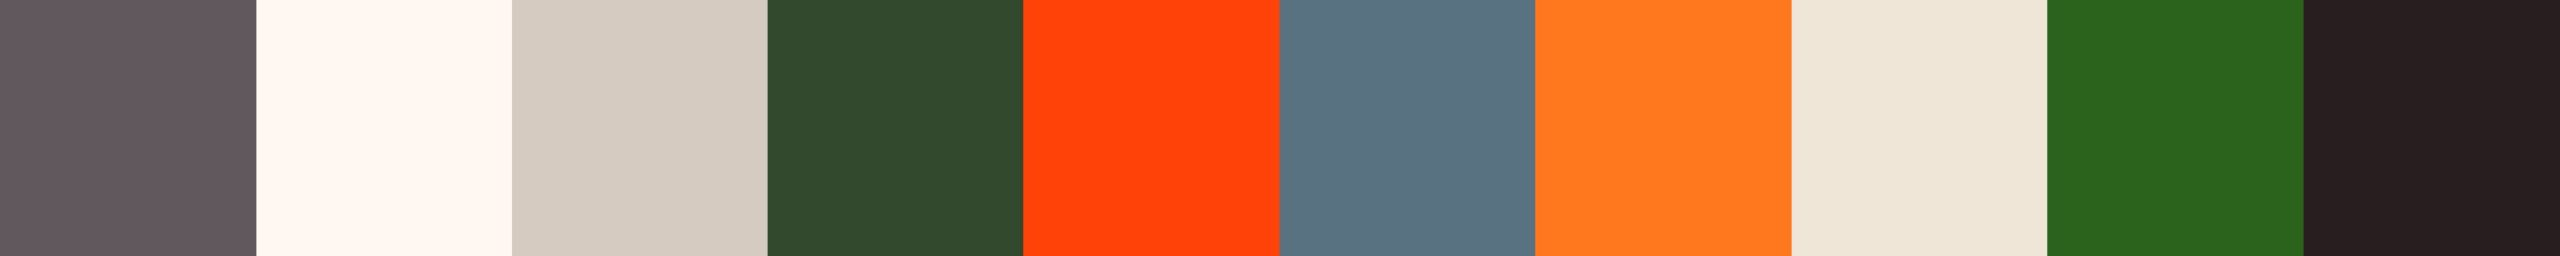 276 Lidogrania Color Palette